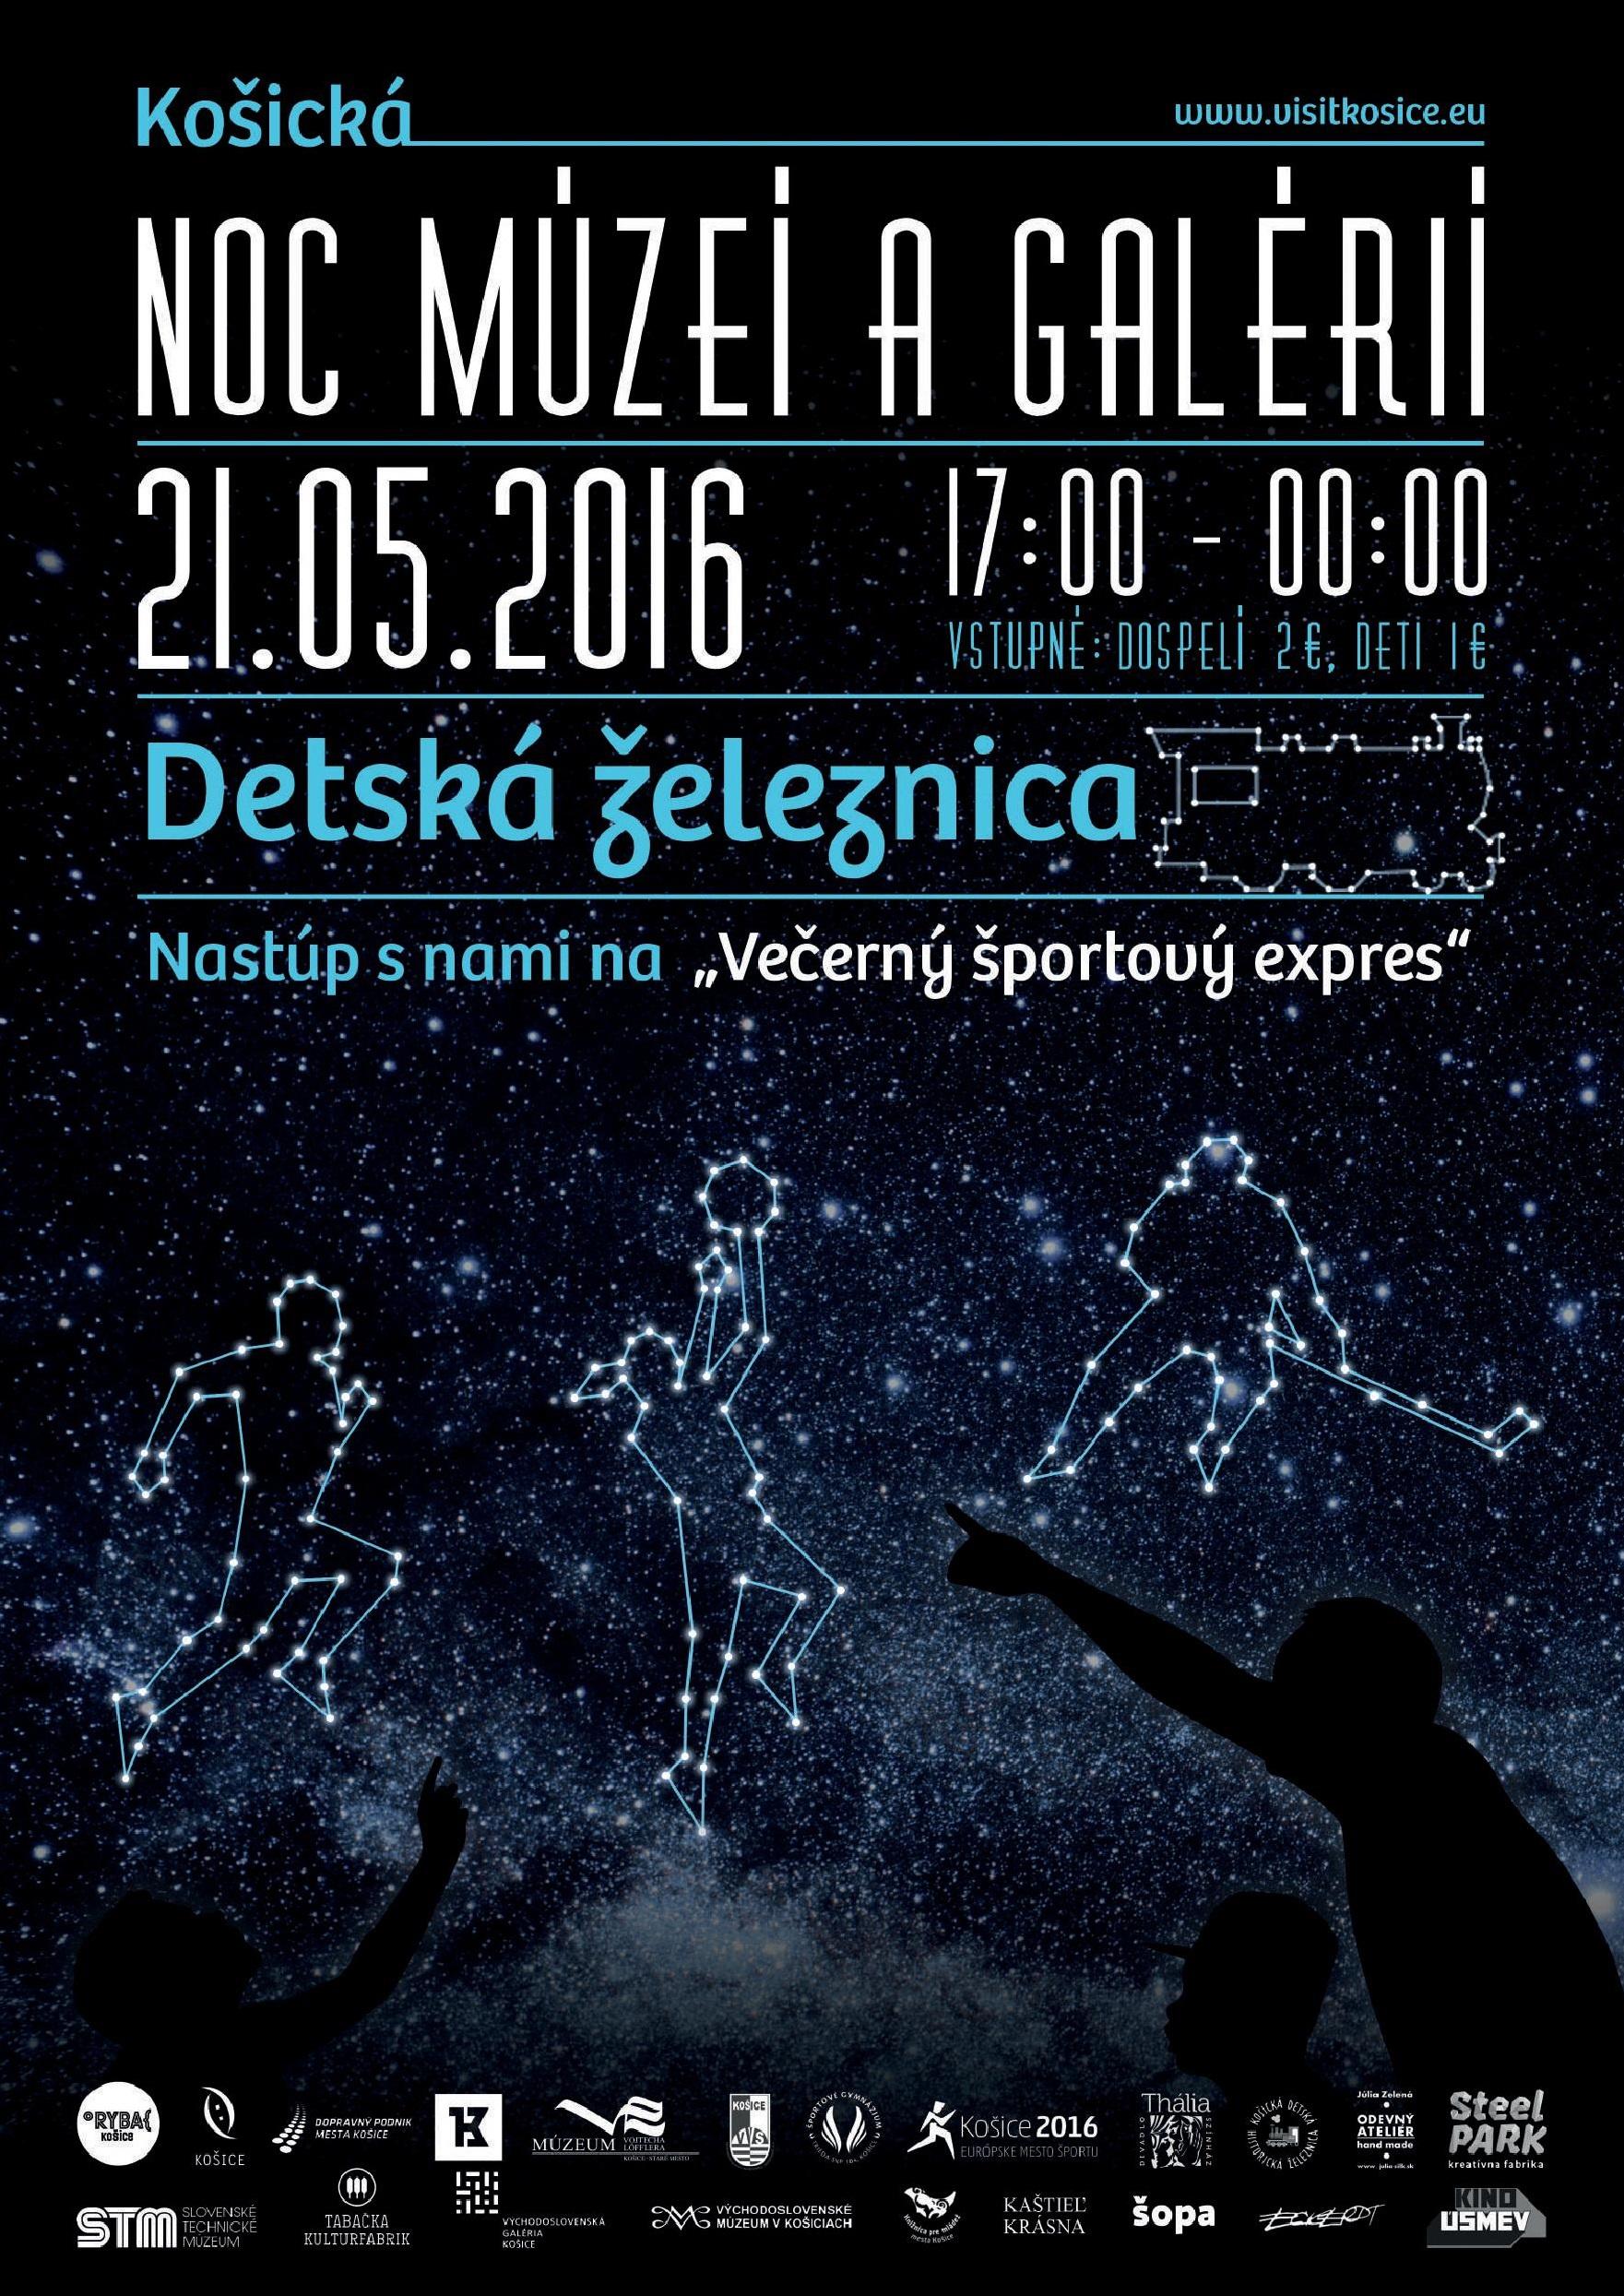 Noc muze 2016 KDHZ